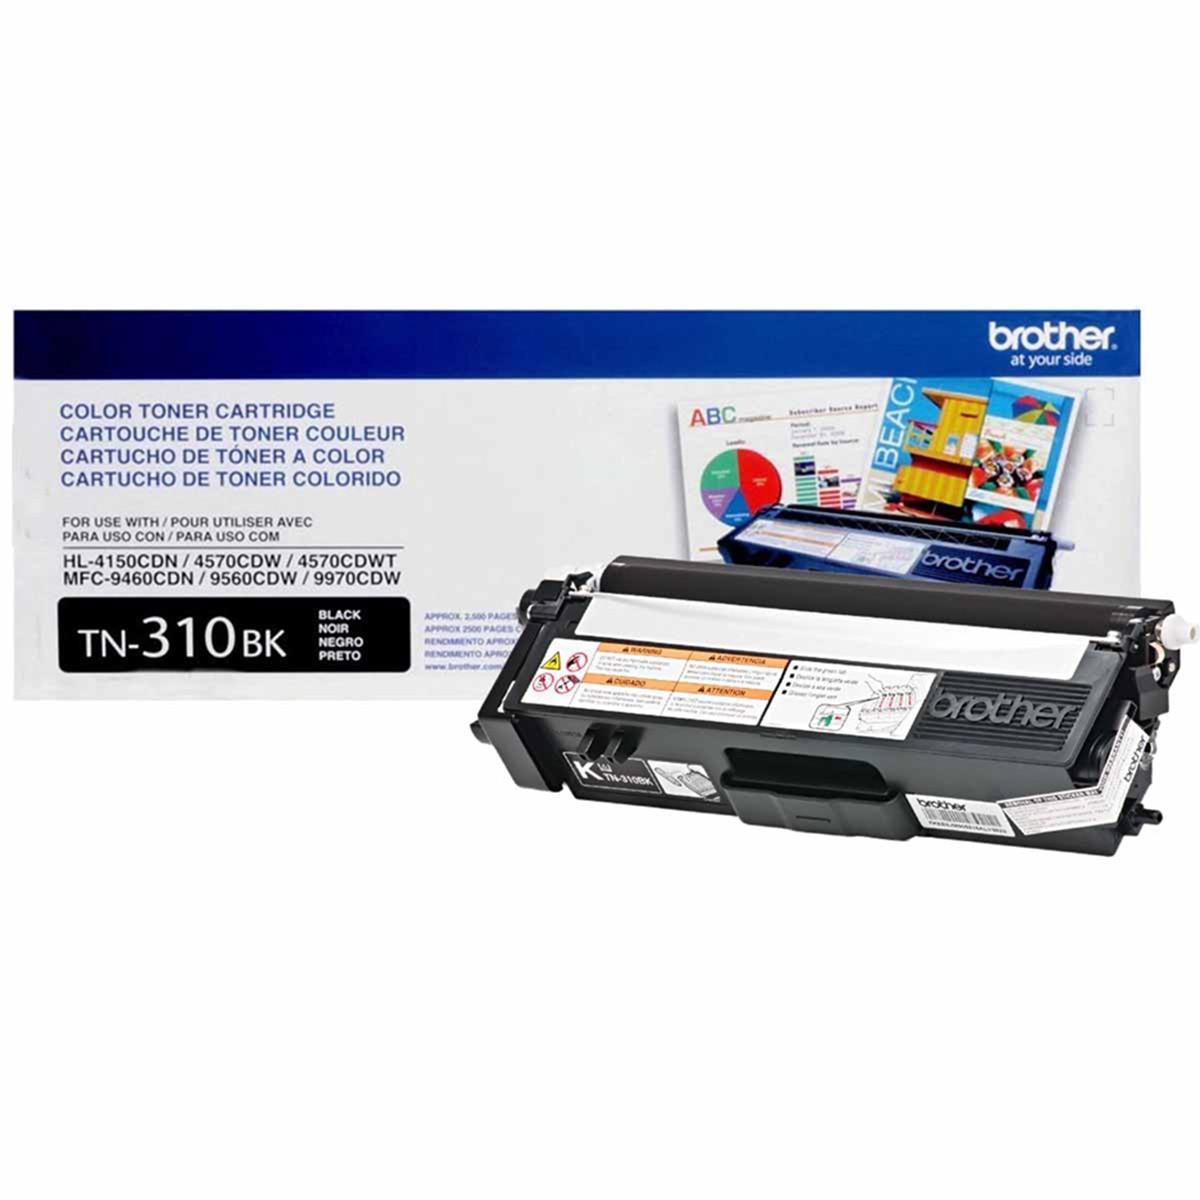 Toner Brother TN310 TN310BK Preto | HL4150 HL4570 MFC9970 MFC9460 MFC9560 | Original 2.5k